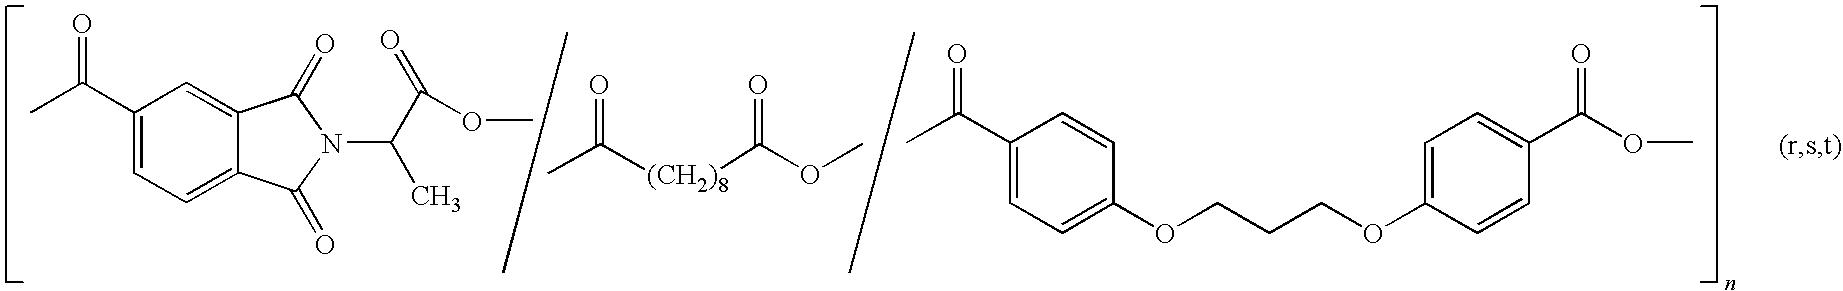 Figure US07875283-20110125-C00007